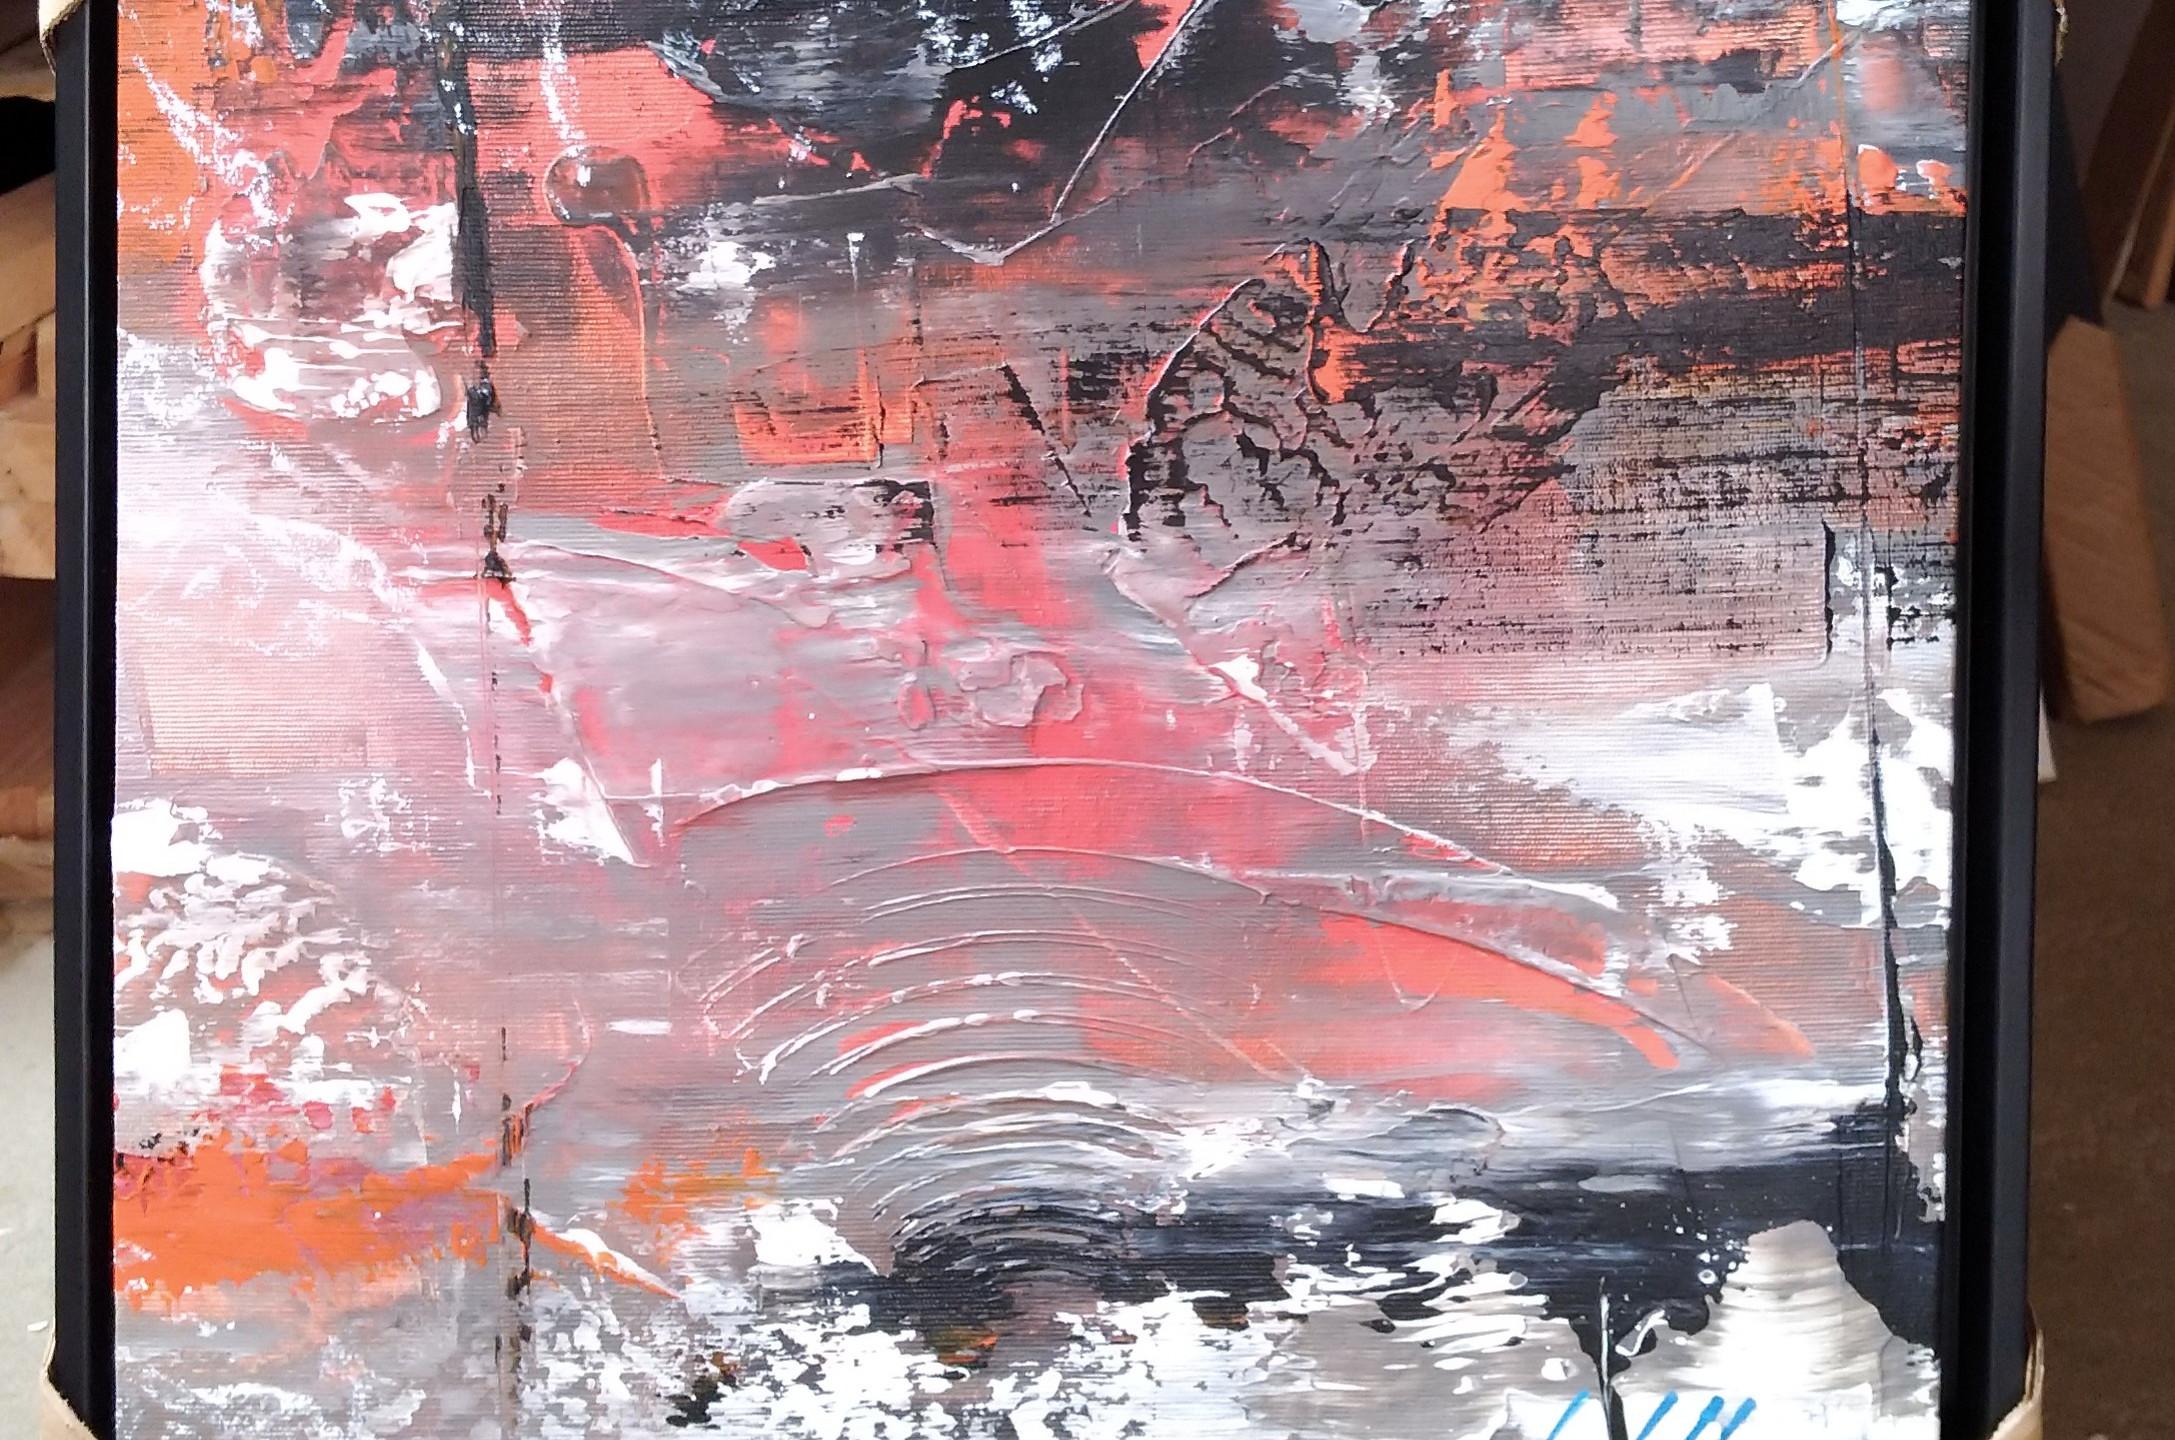 Quadros Abstratos Em Pequenos Formatos (